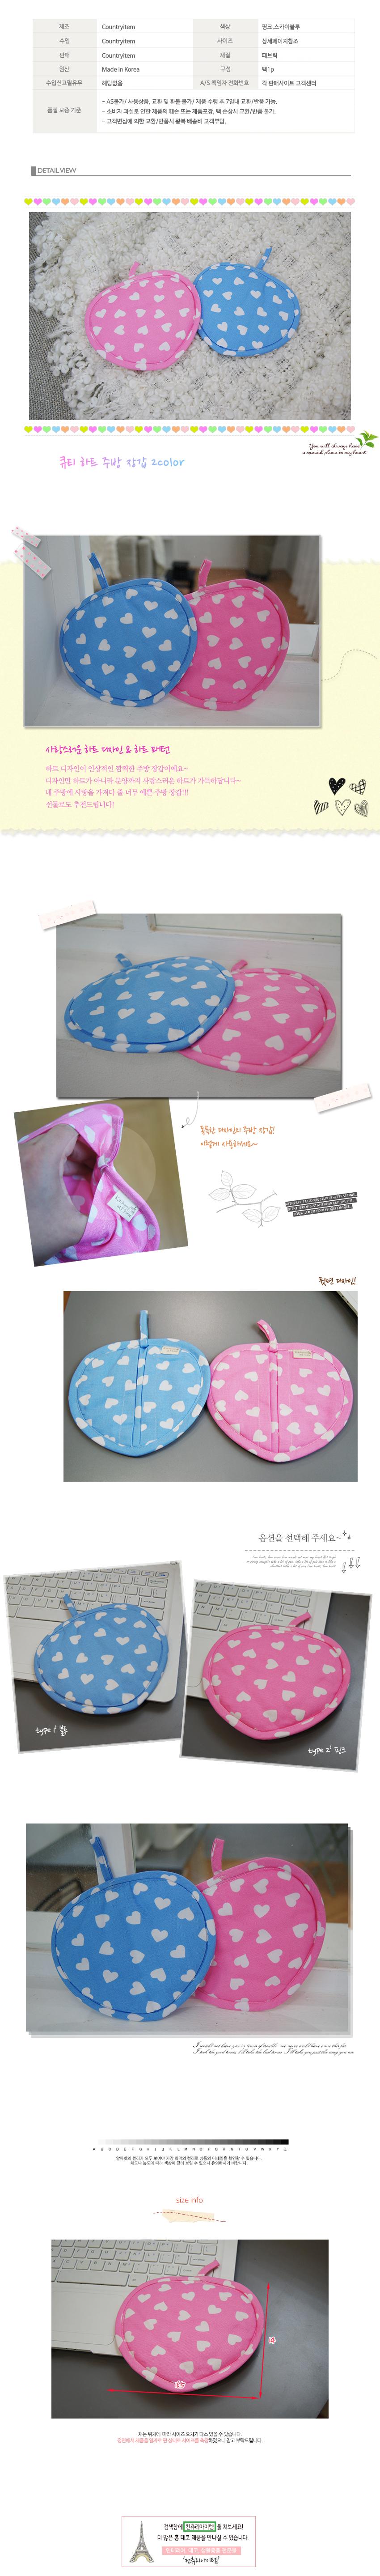 큐티 하트 주방 장갑 2color - 컨츄리아이템, 3,800원, 주방장갑/주방타올, 주방장갑